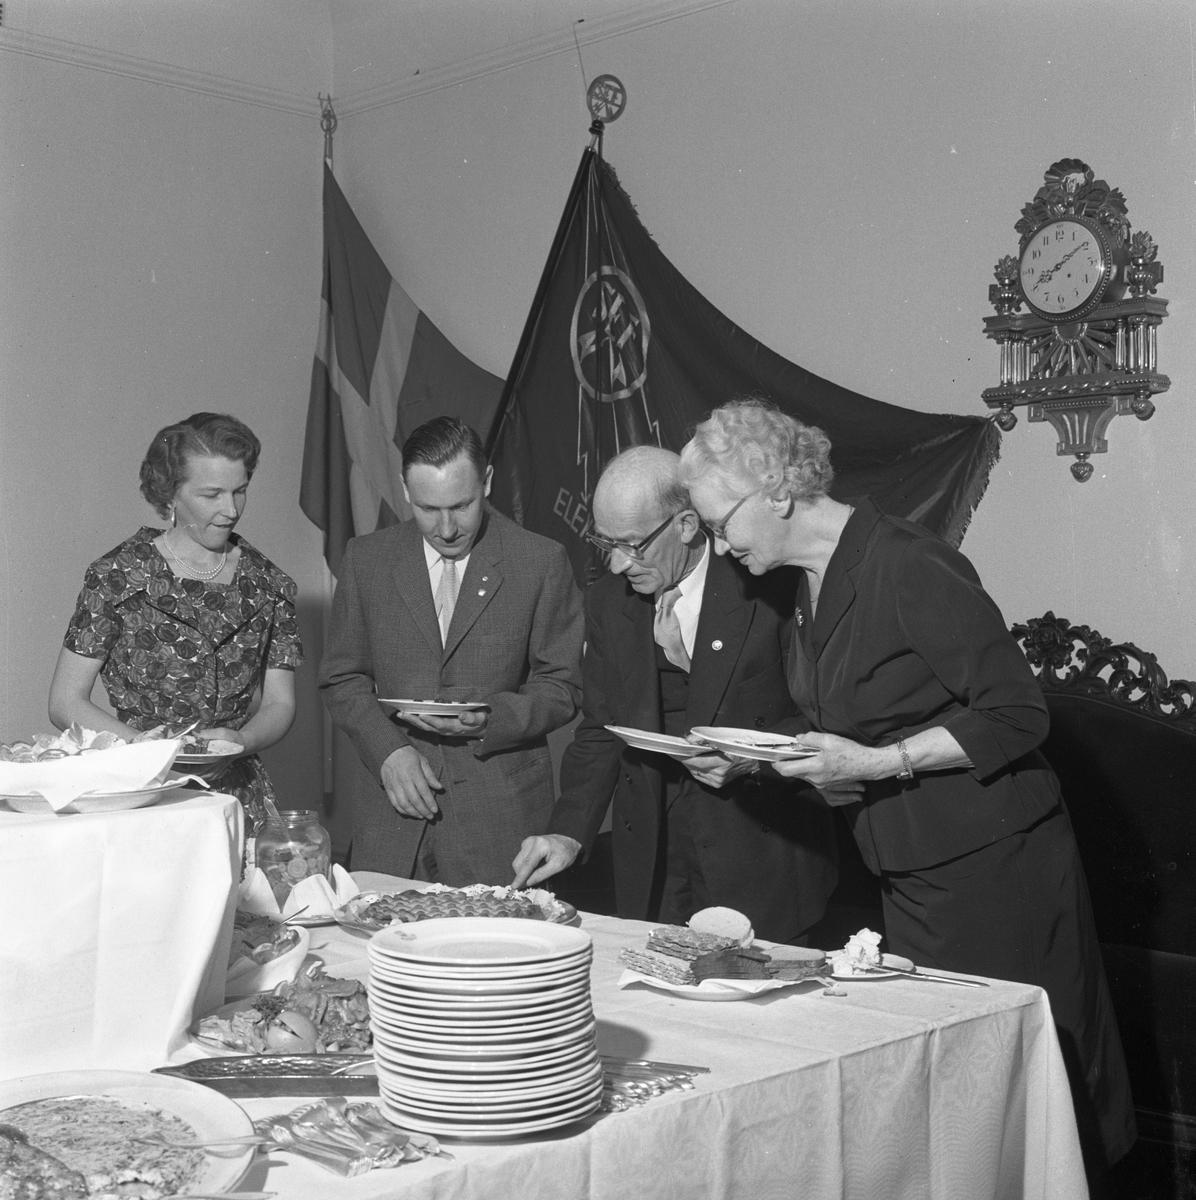 Elektrikerförbundets Arbogaavdelning har jubileumsfest. Gående bord. Två kvinnor och två män tar för sig av maten. På väggen hänger två fanor och en pendyl.